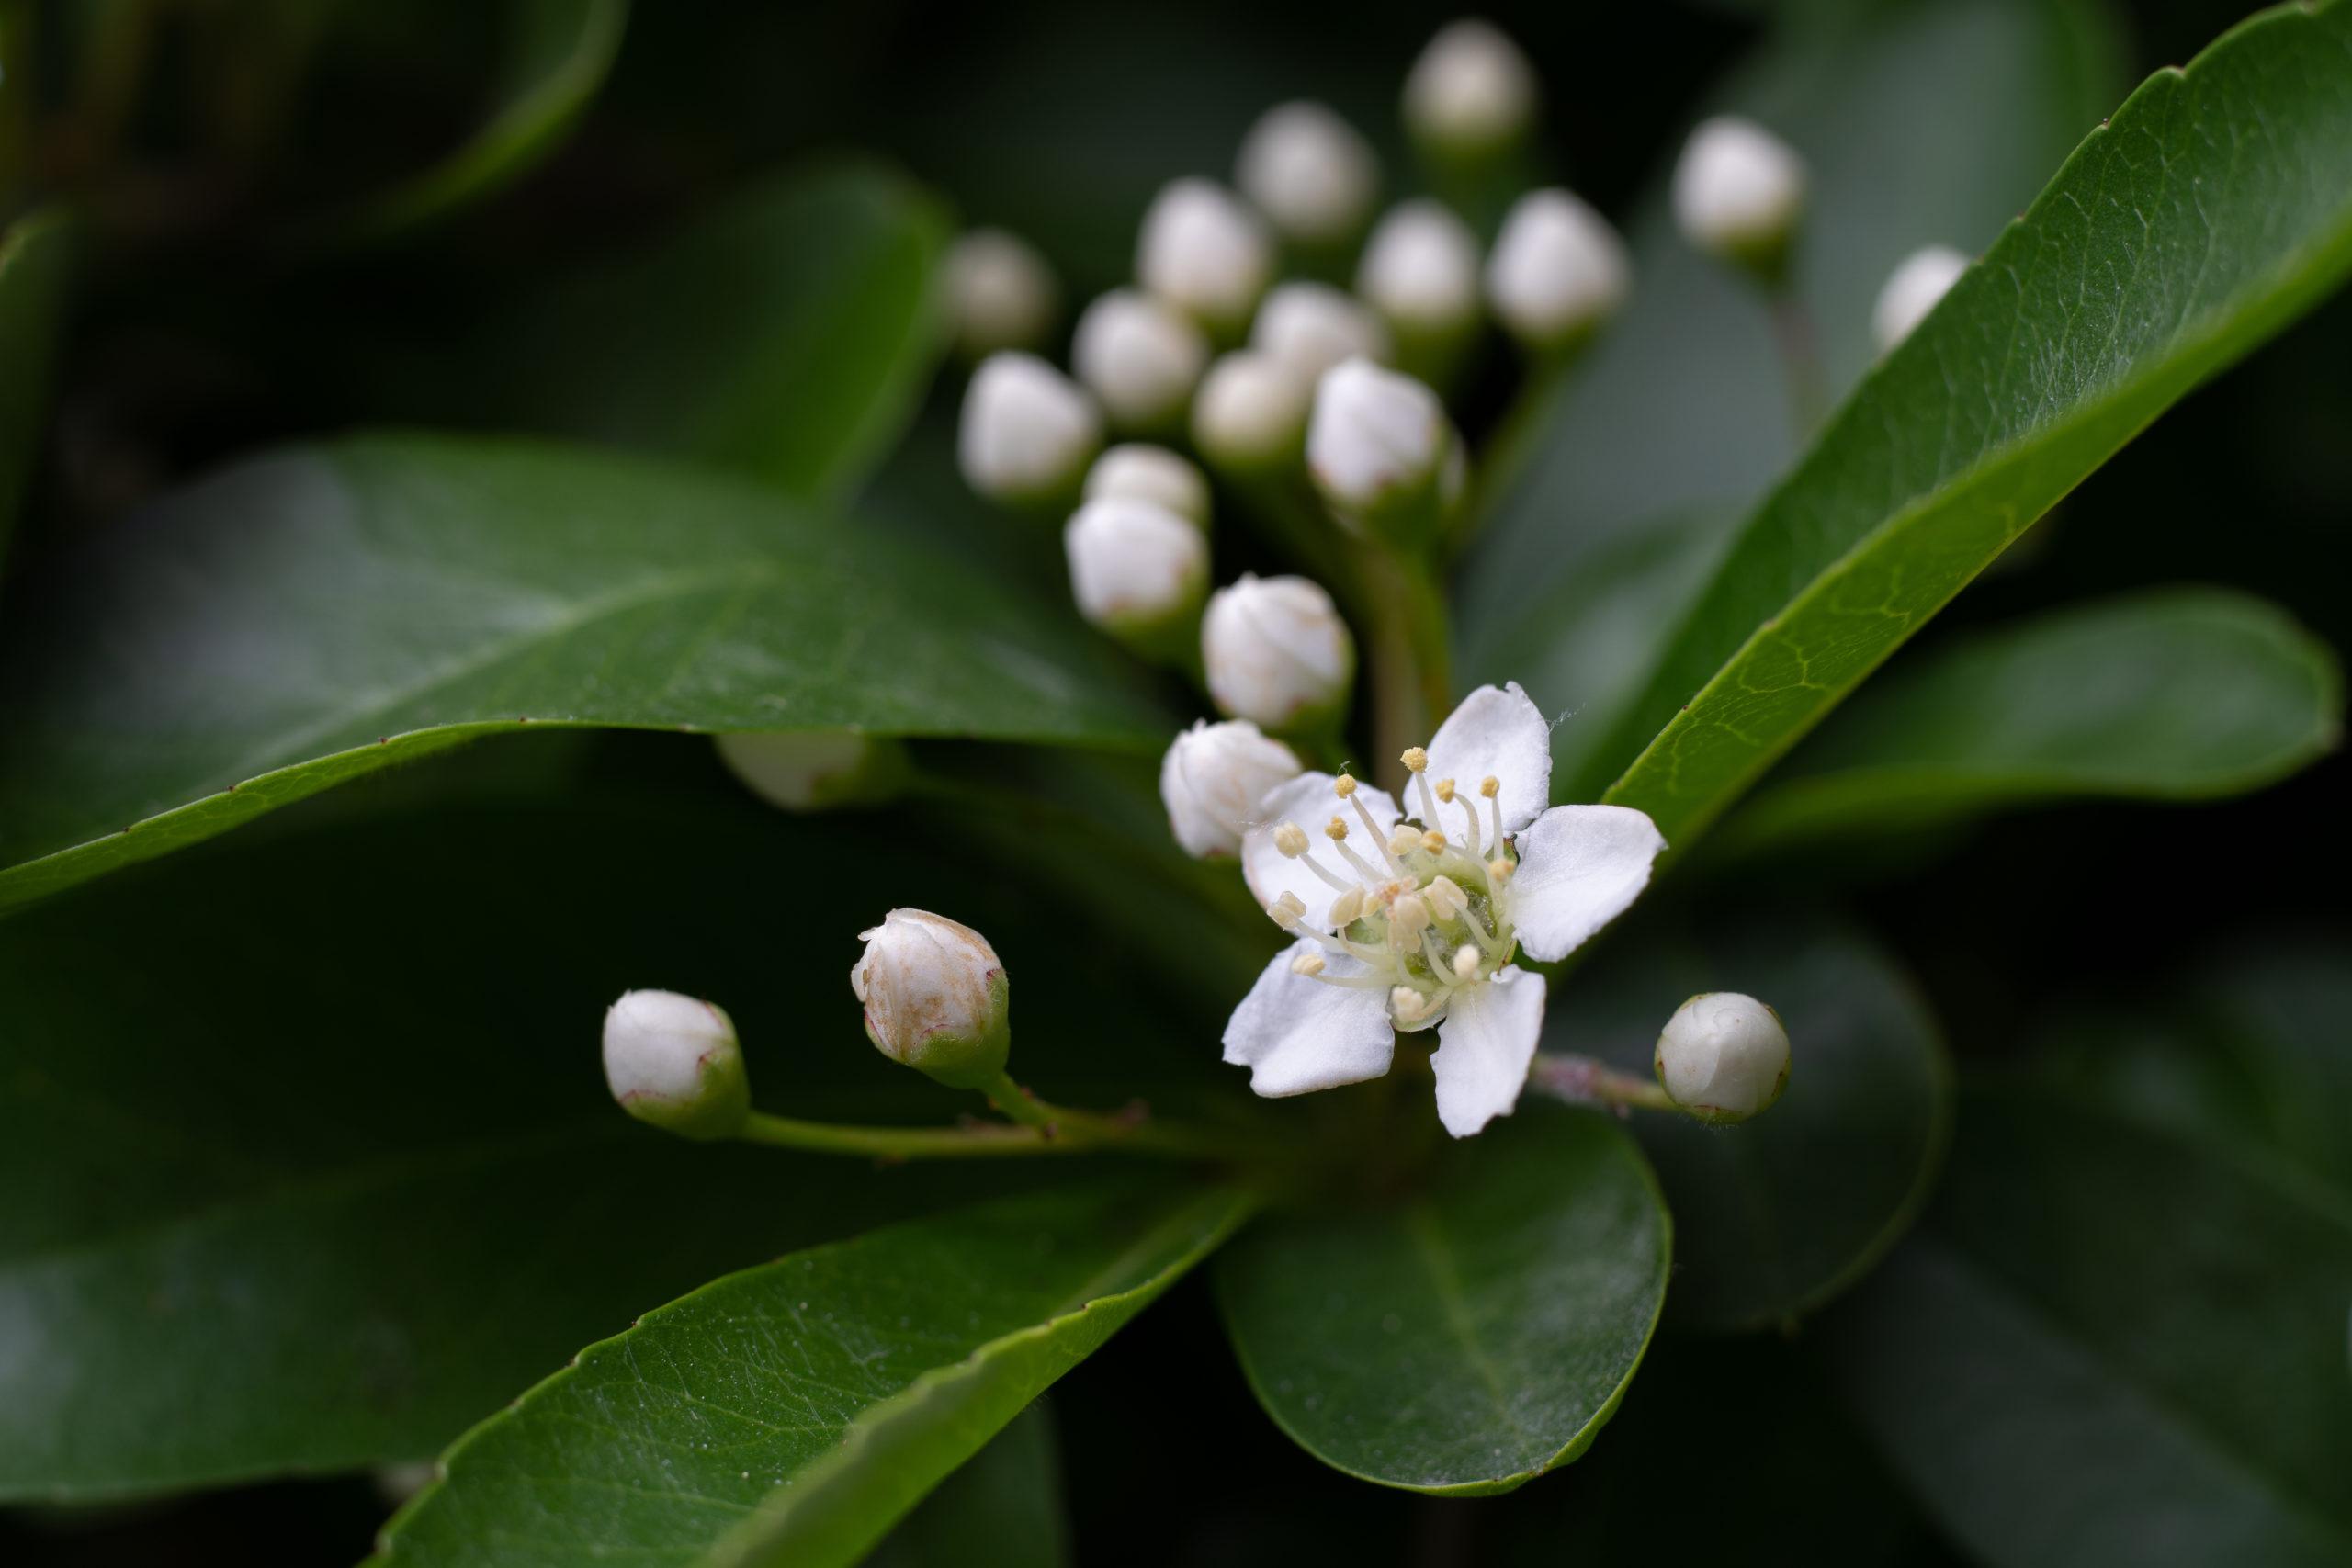 ピラカンサス(Firethorn)4月から5月に沢山咲かせる小さな白い花を撮影